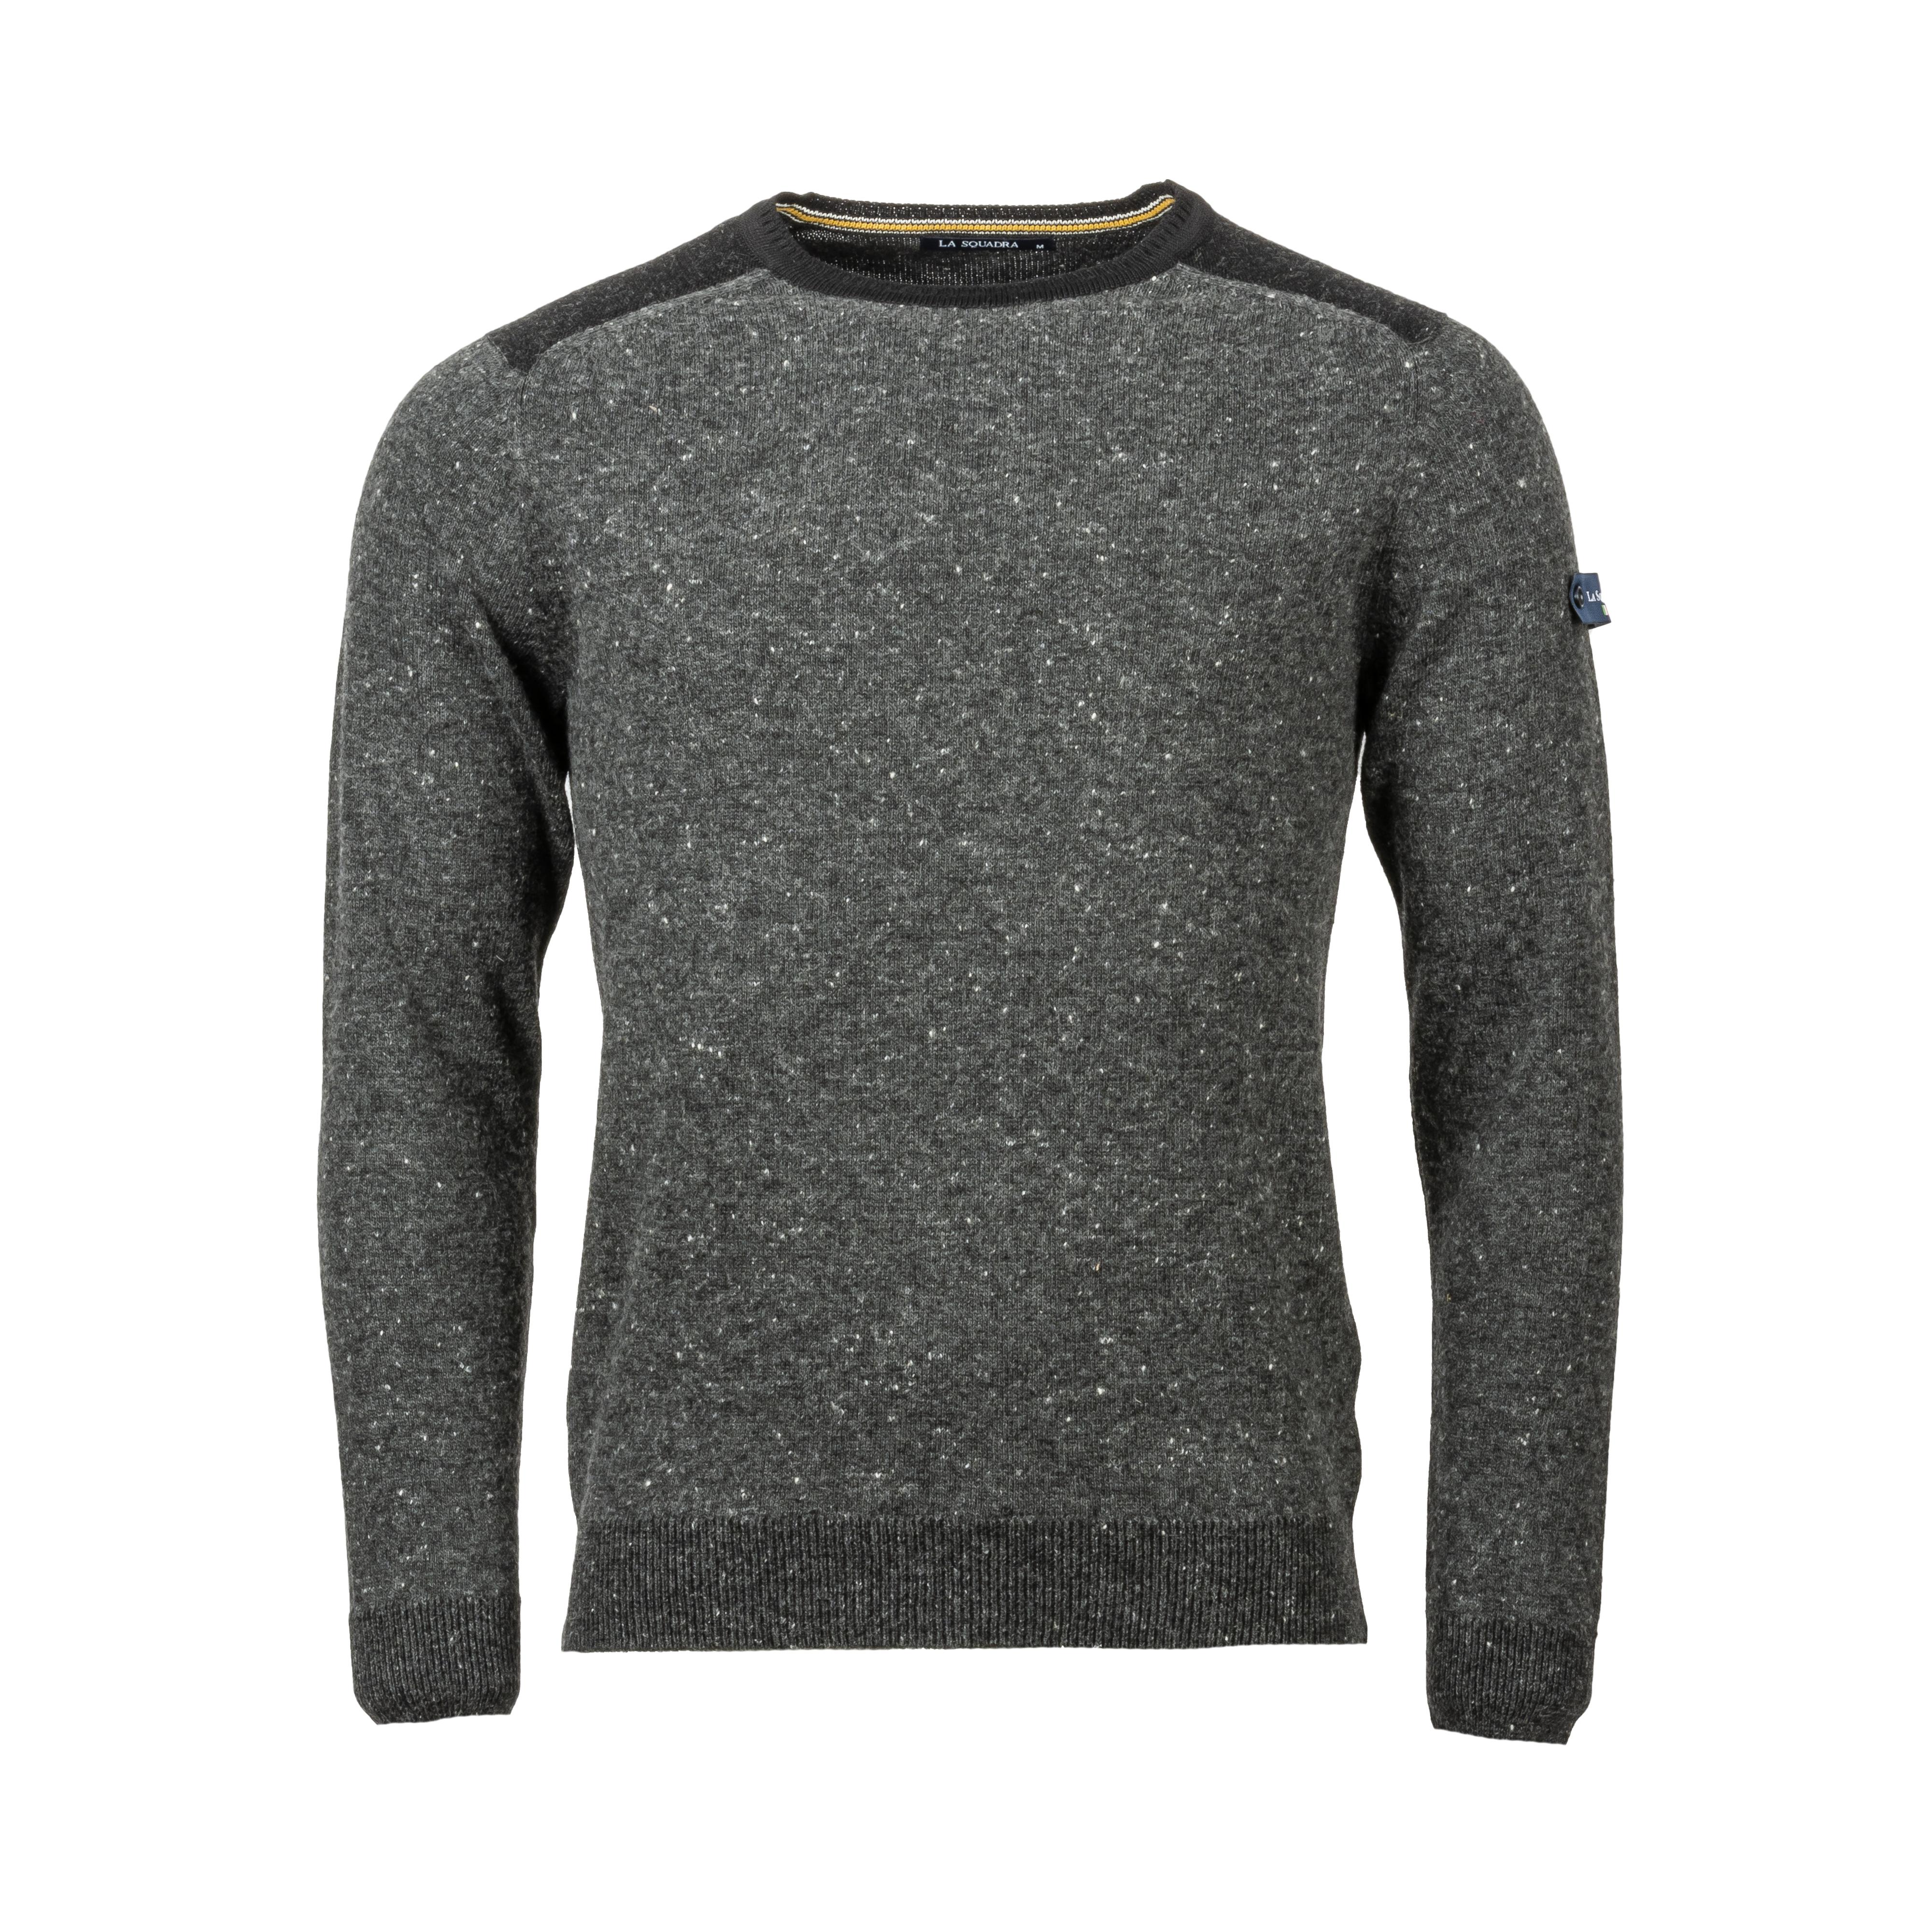 Pull col rond La Squadra en laine mélangée gris anthracite chiné et noir